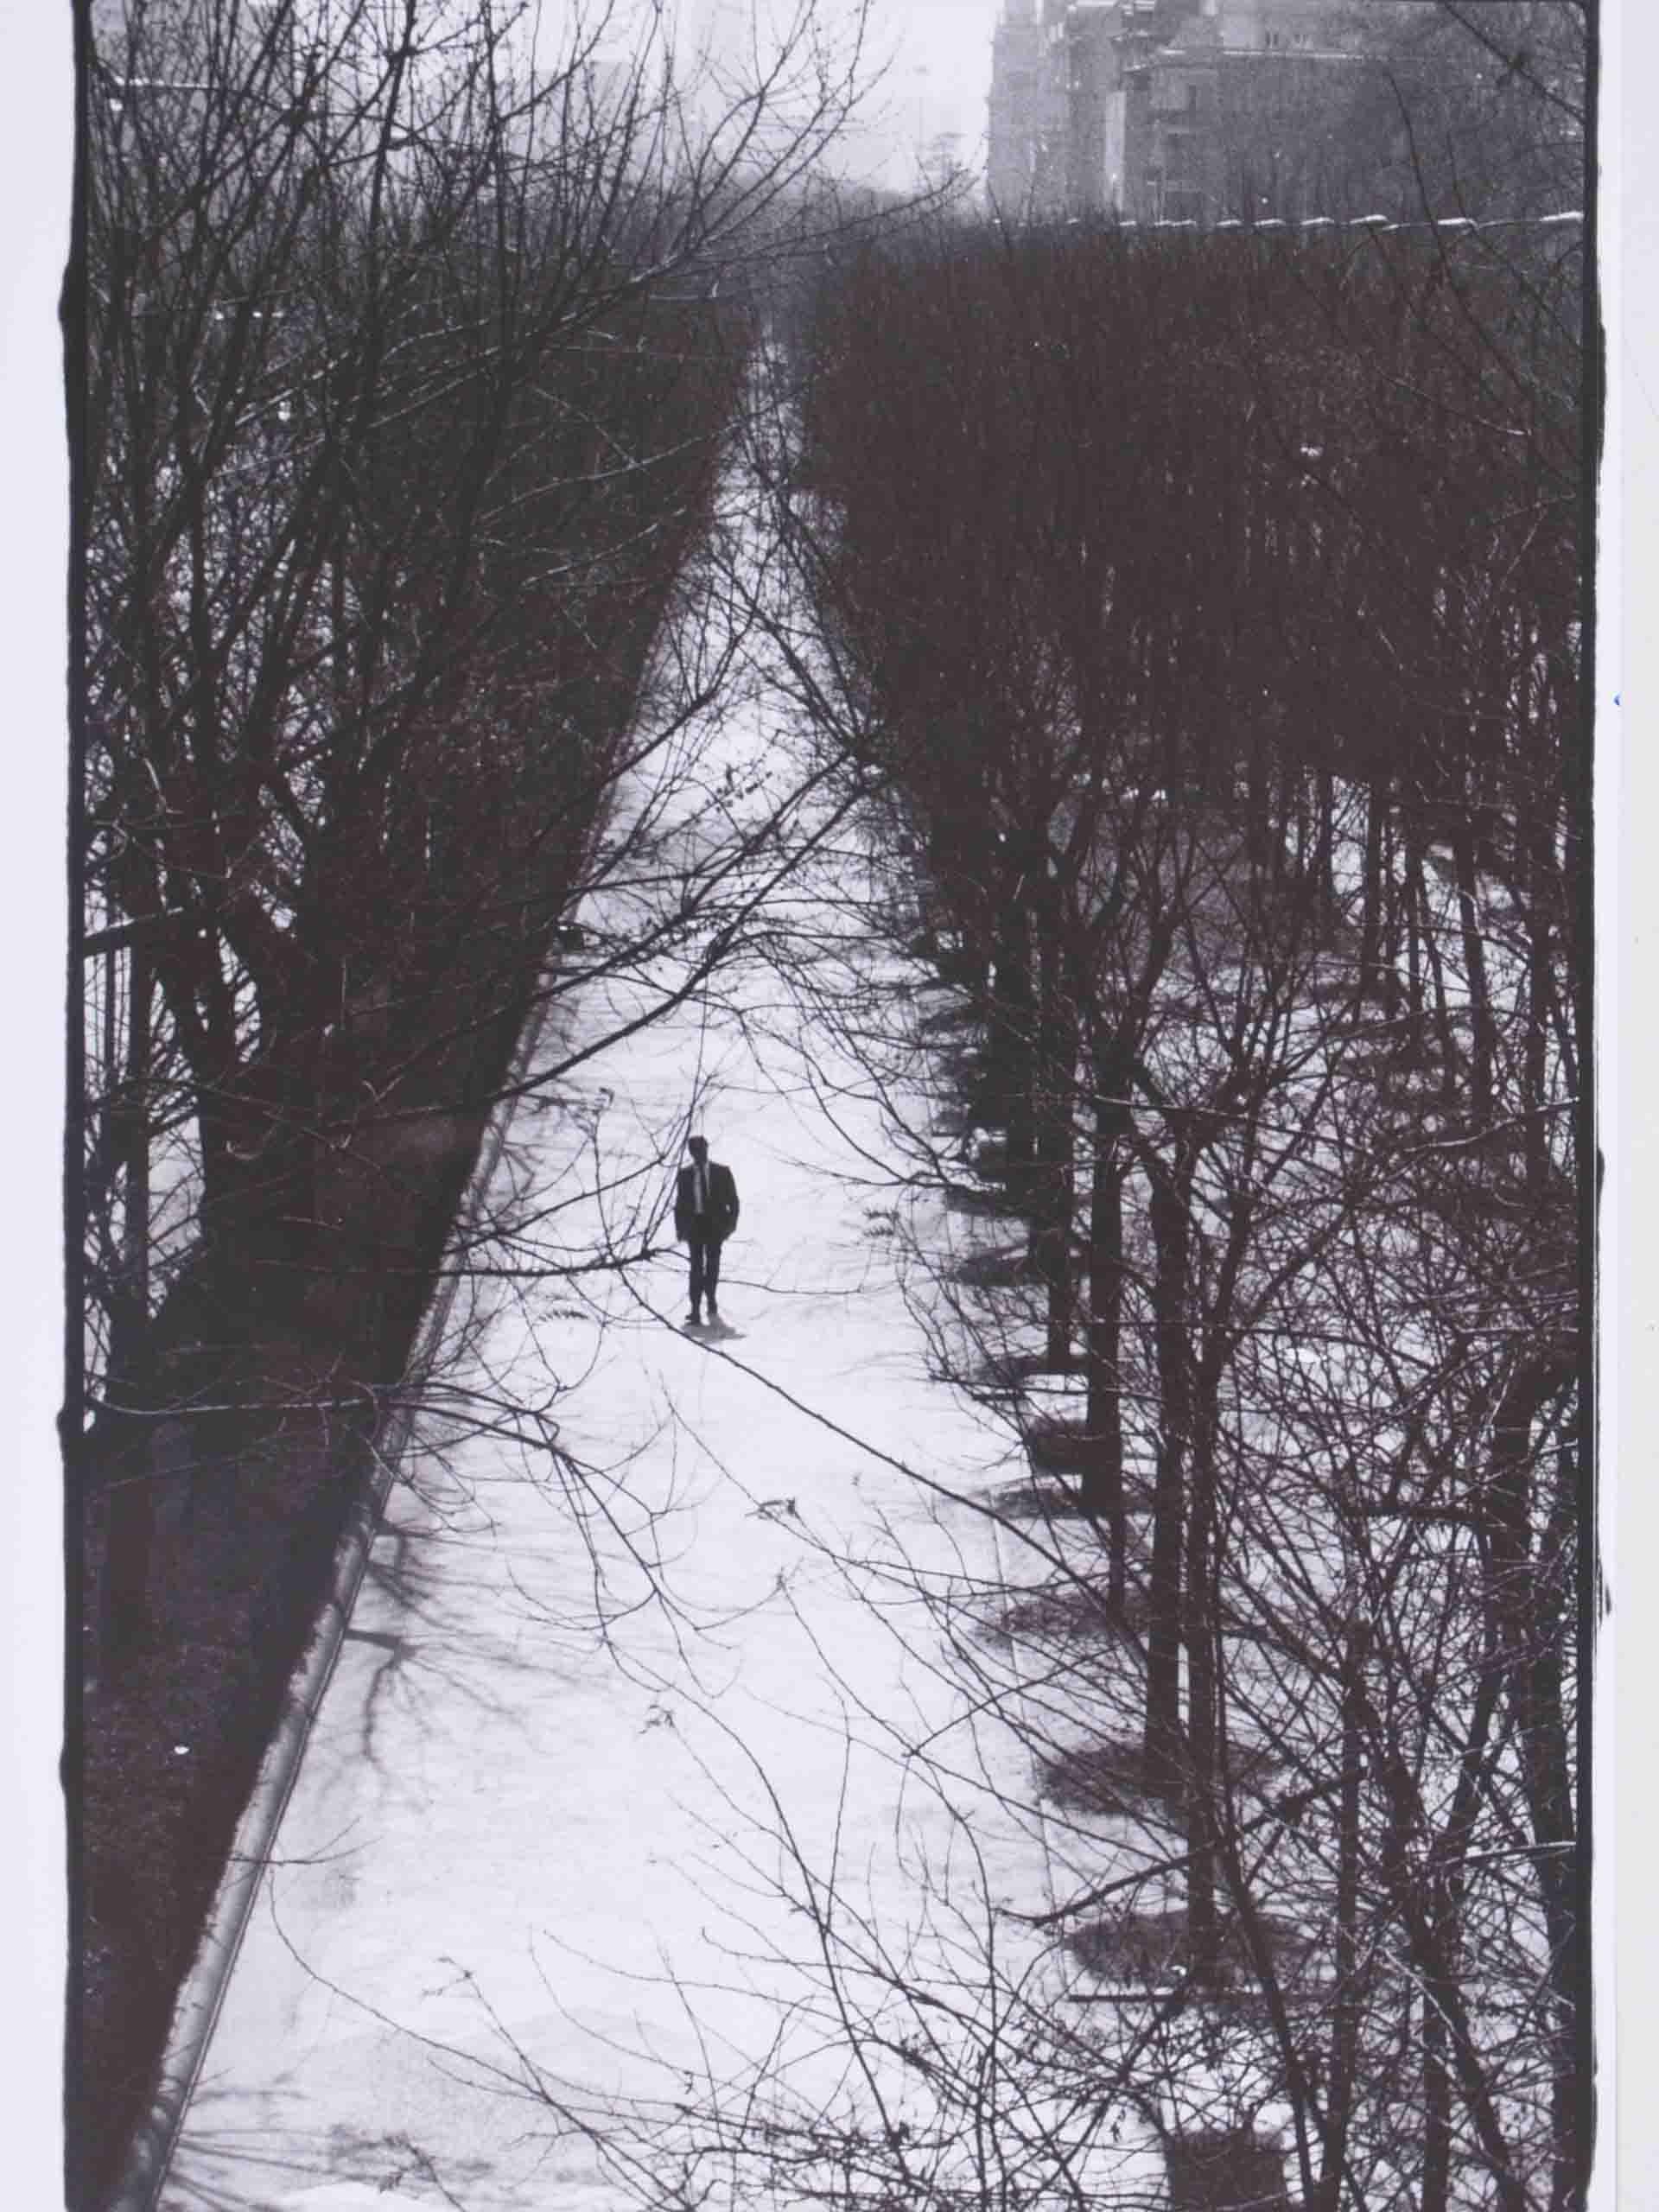 El paseo interminable, 1990<br/>Gelatina de plata con tratamiento de archivo al selenio / Silver gelatine with archival selenium treatment.